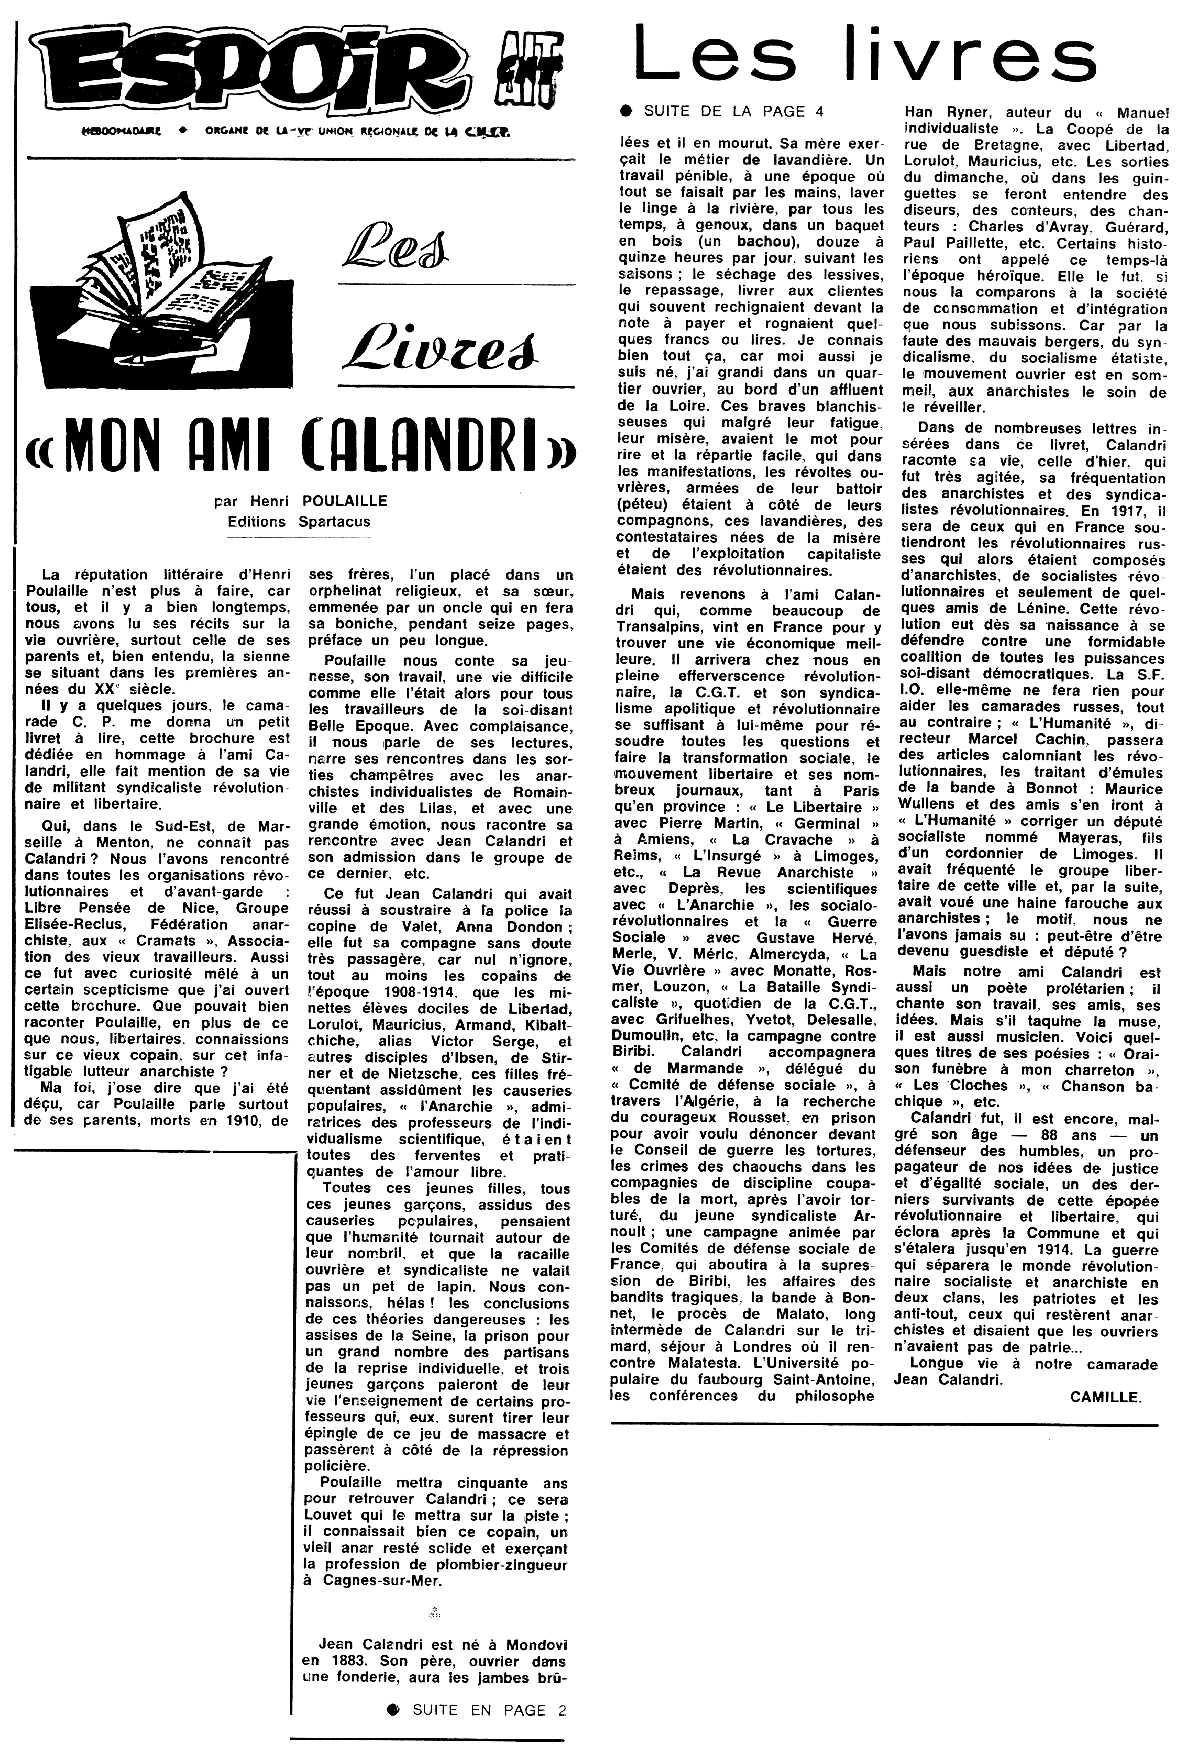 """Ressenya del fullet d'Henri Poulaille sobre Jean Calandri publicada en el periòdic tolosà """"Espoir"""" del 7 de novembre de 1971"""